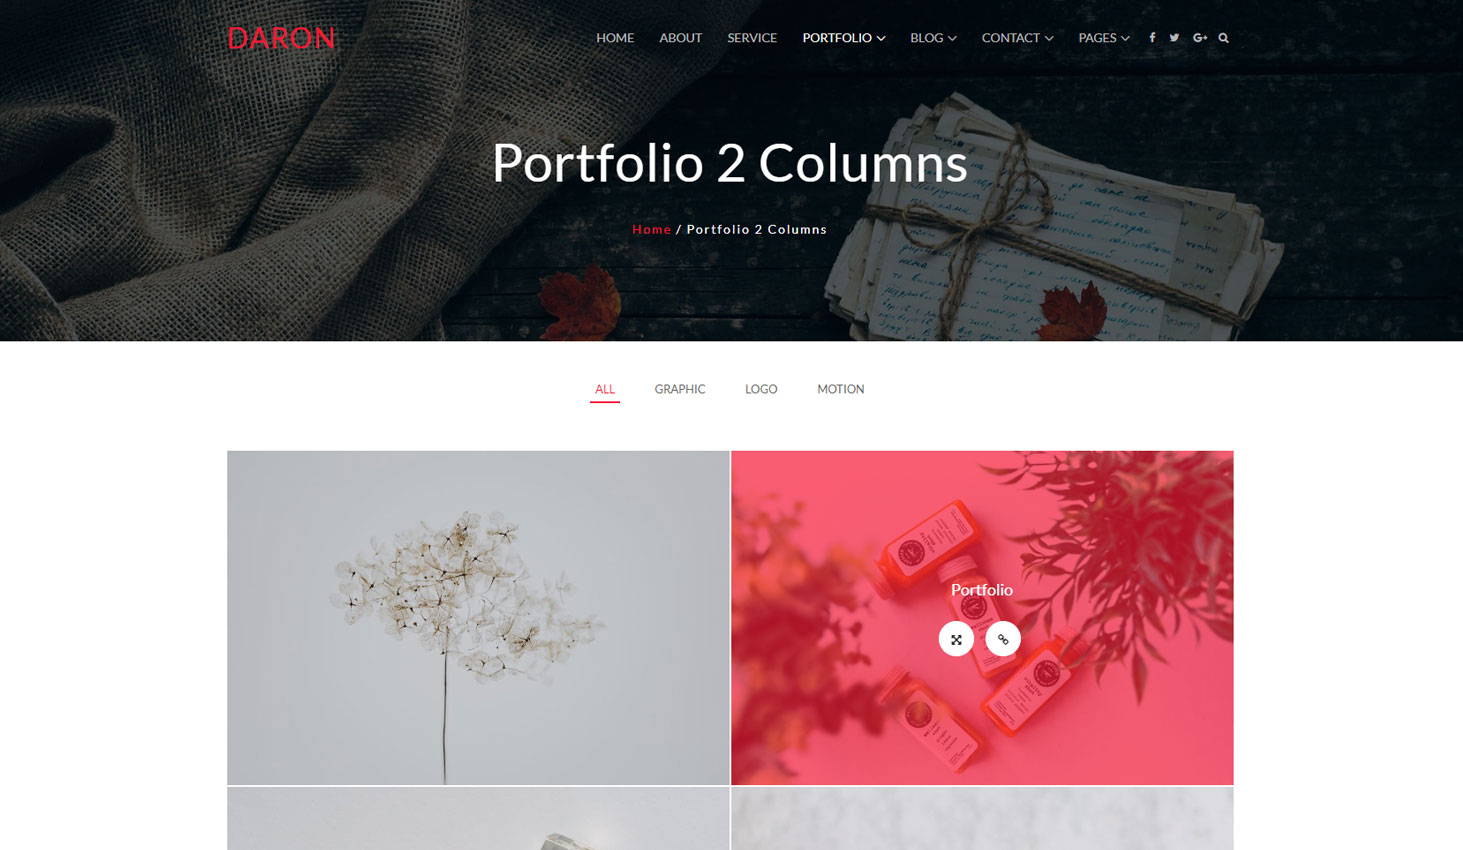 Daron premium wordpress theme portfolio two column